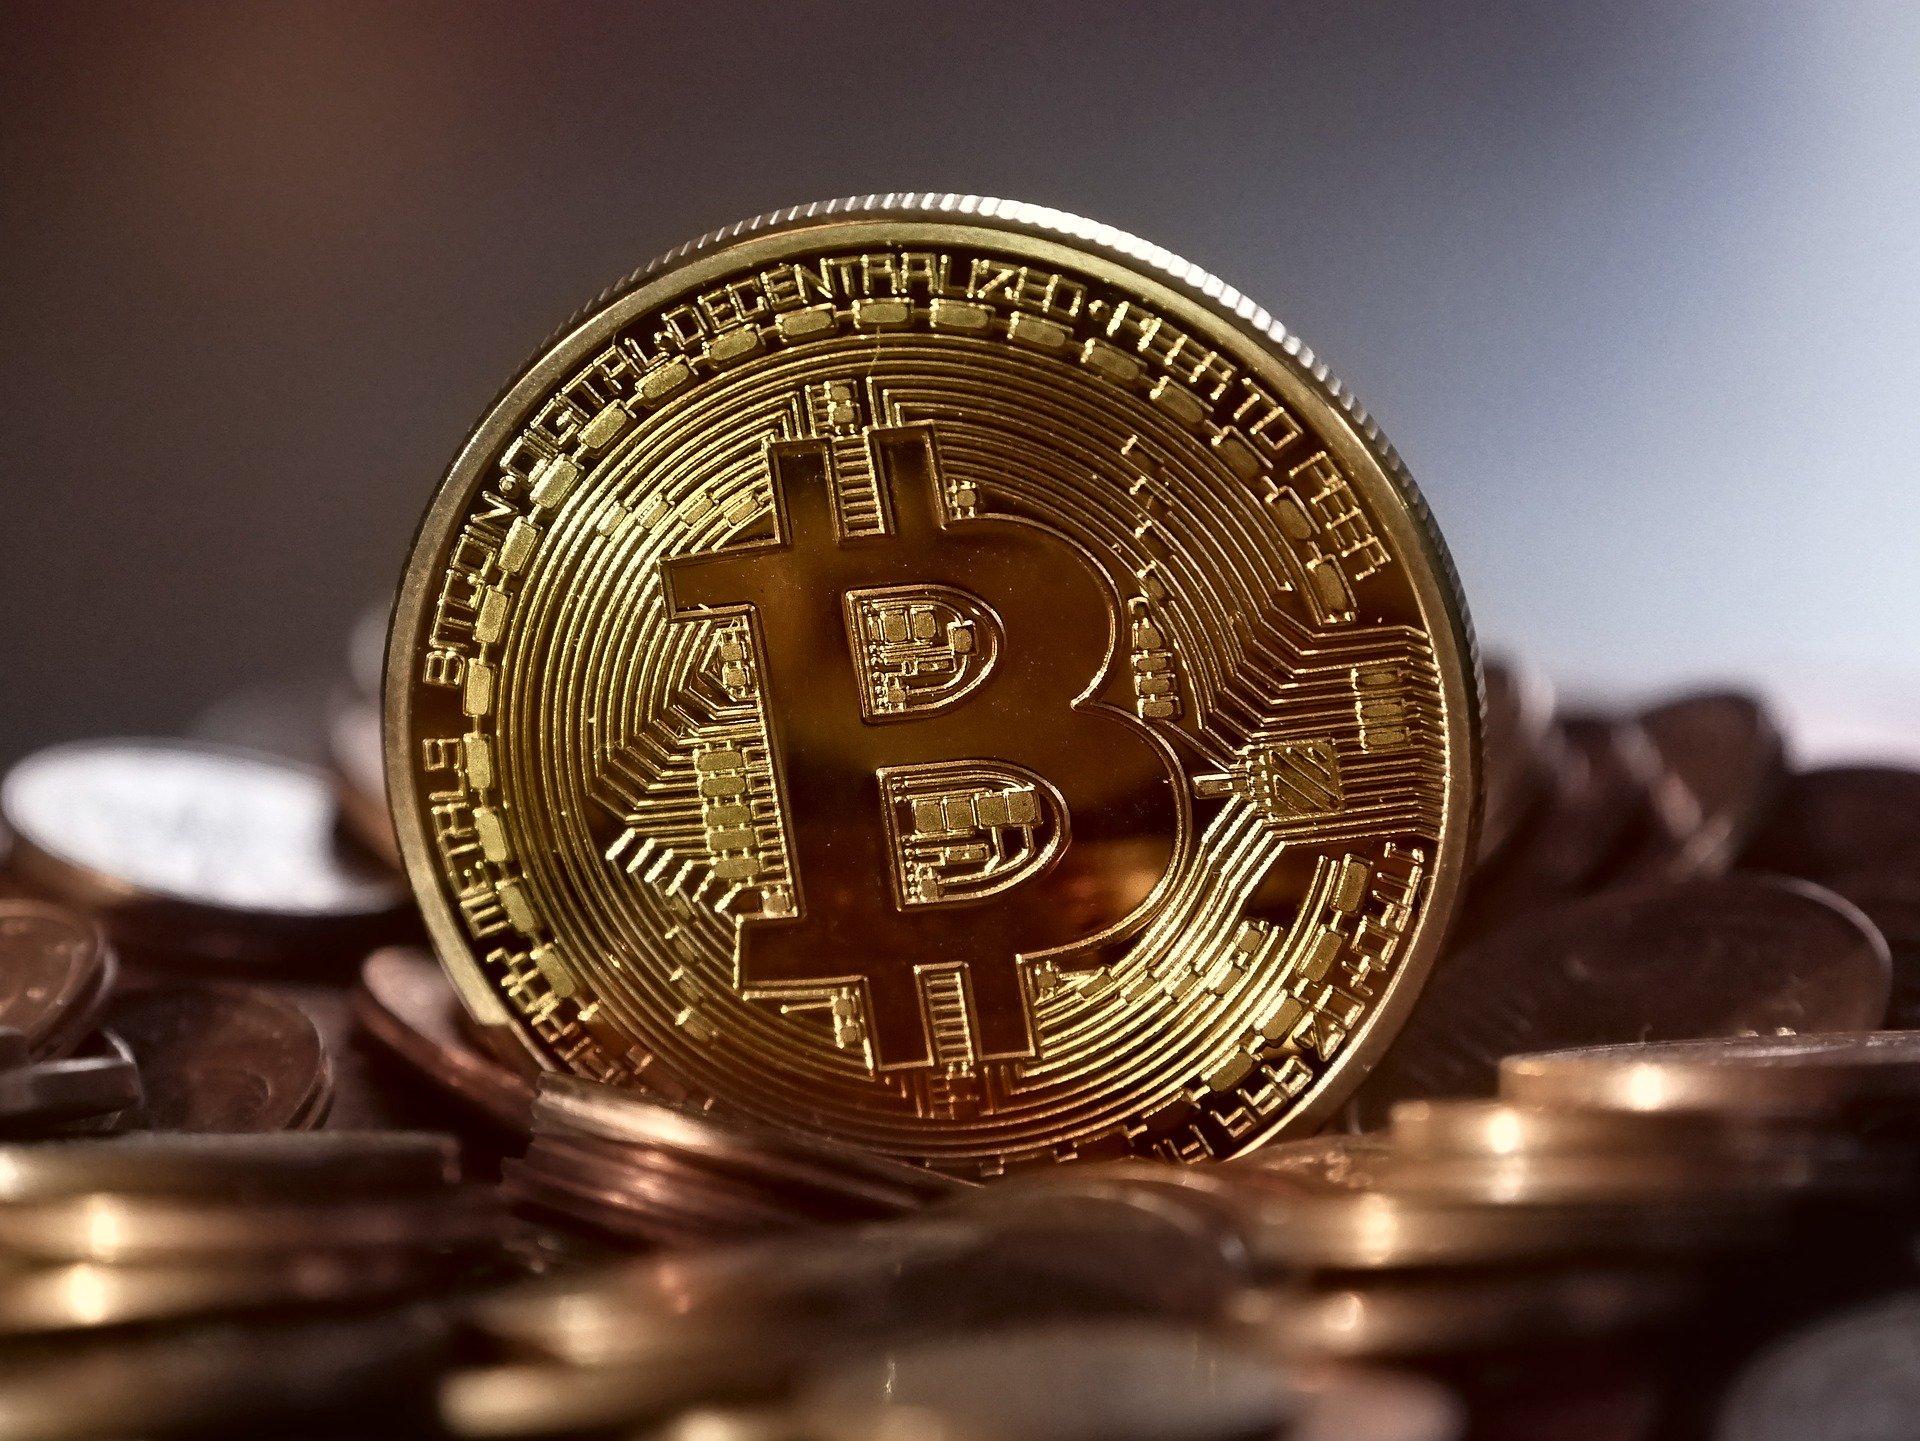 Elszabadultak a kriptodevizák - jön az új bitcoin?